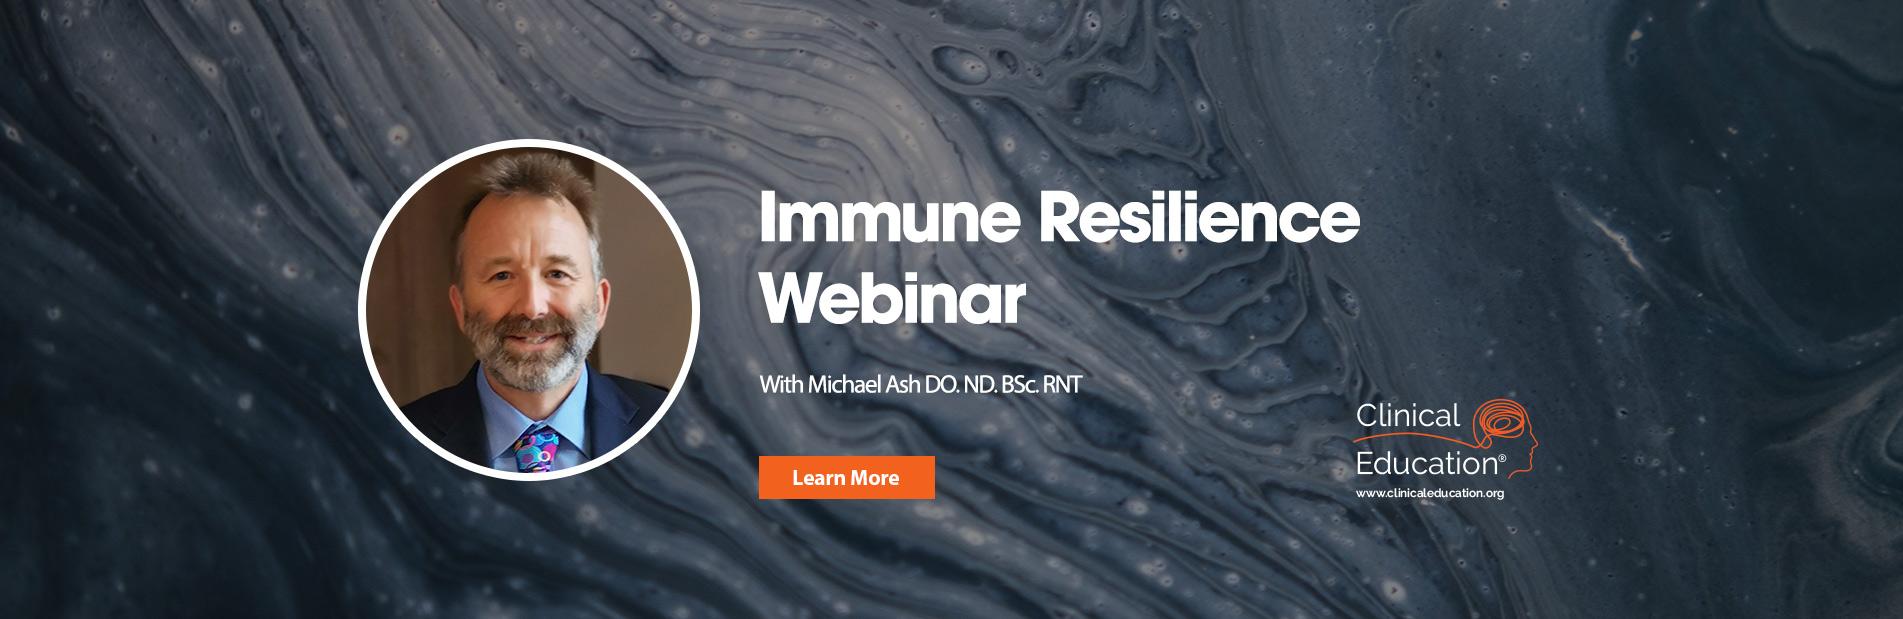 MA-immune-resilience-webinar-slider